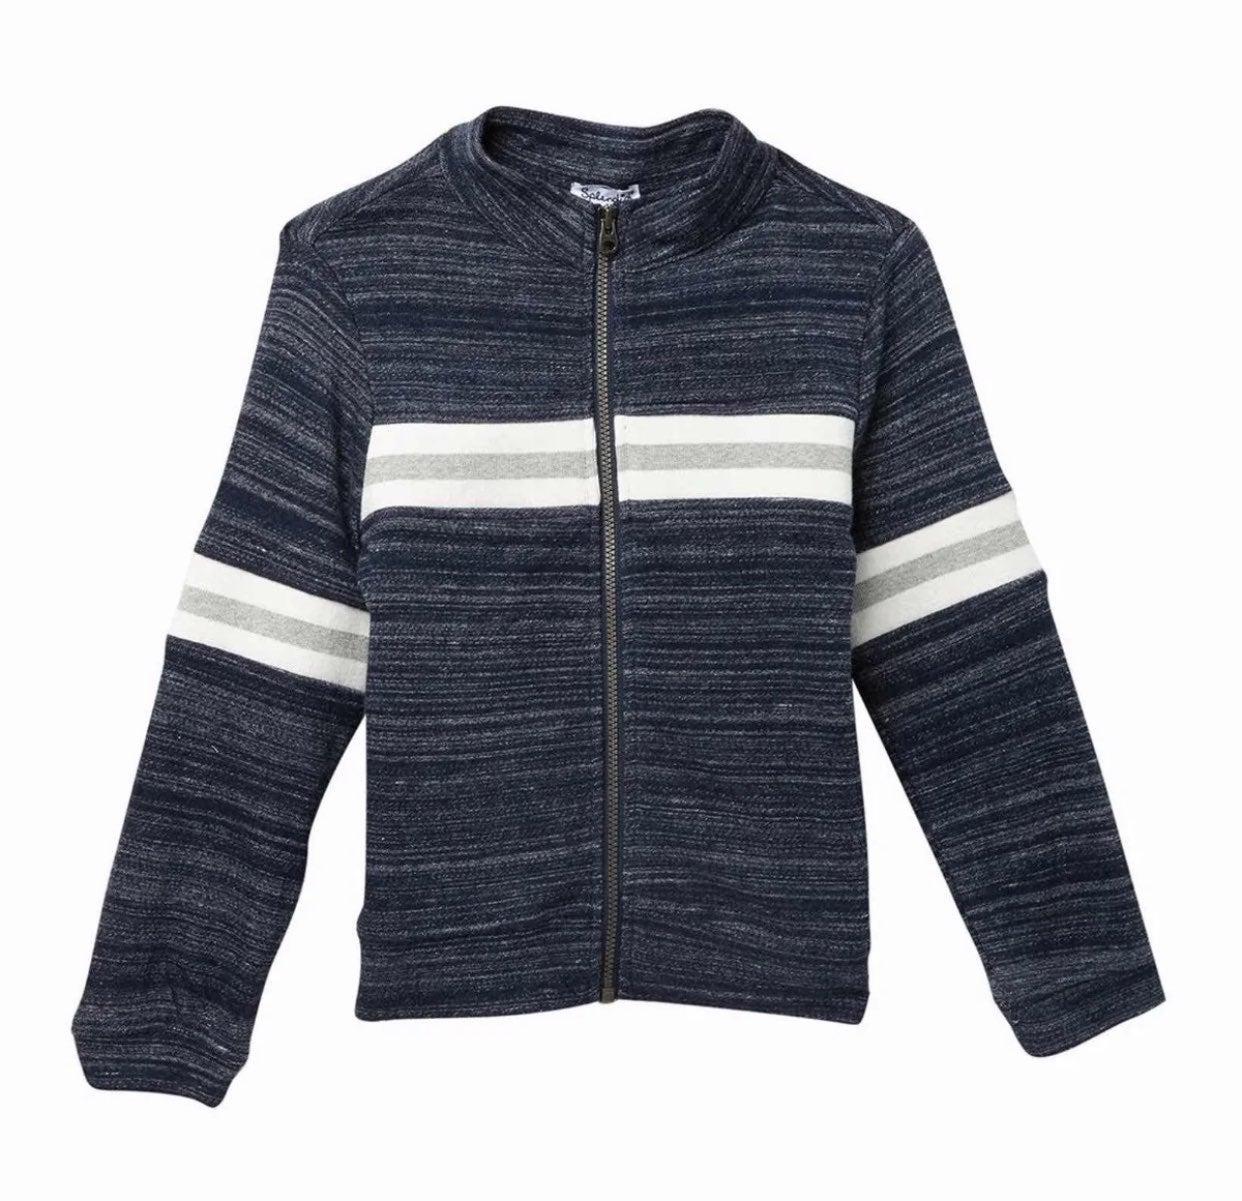 Splendid Boys BFT Jacket